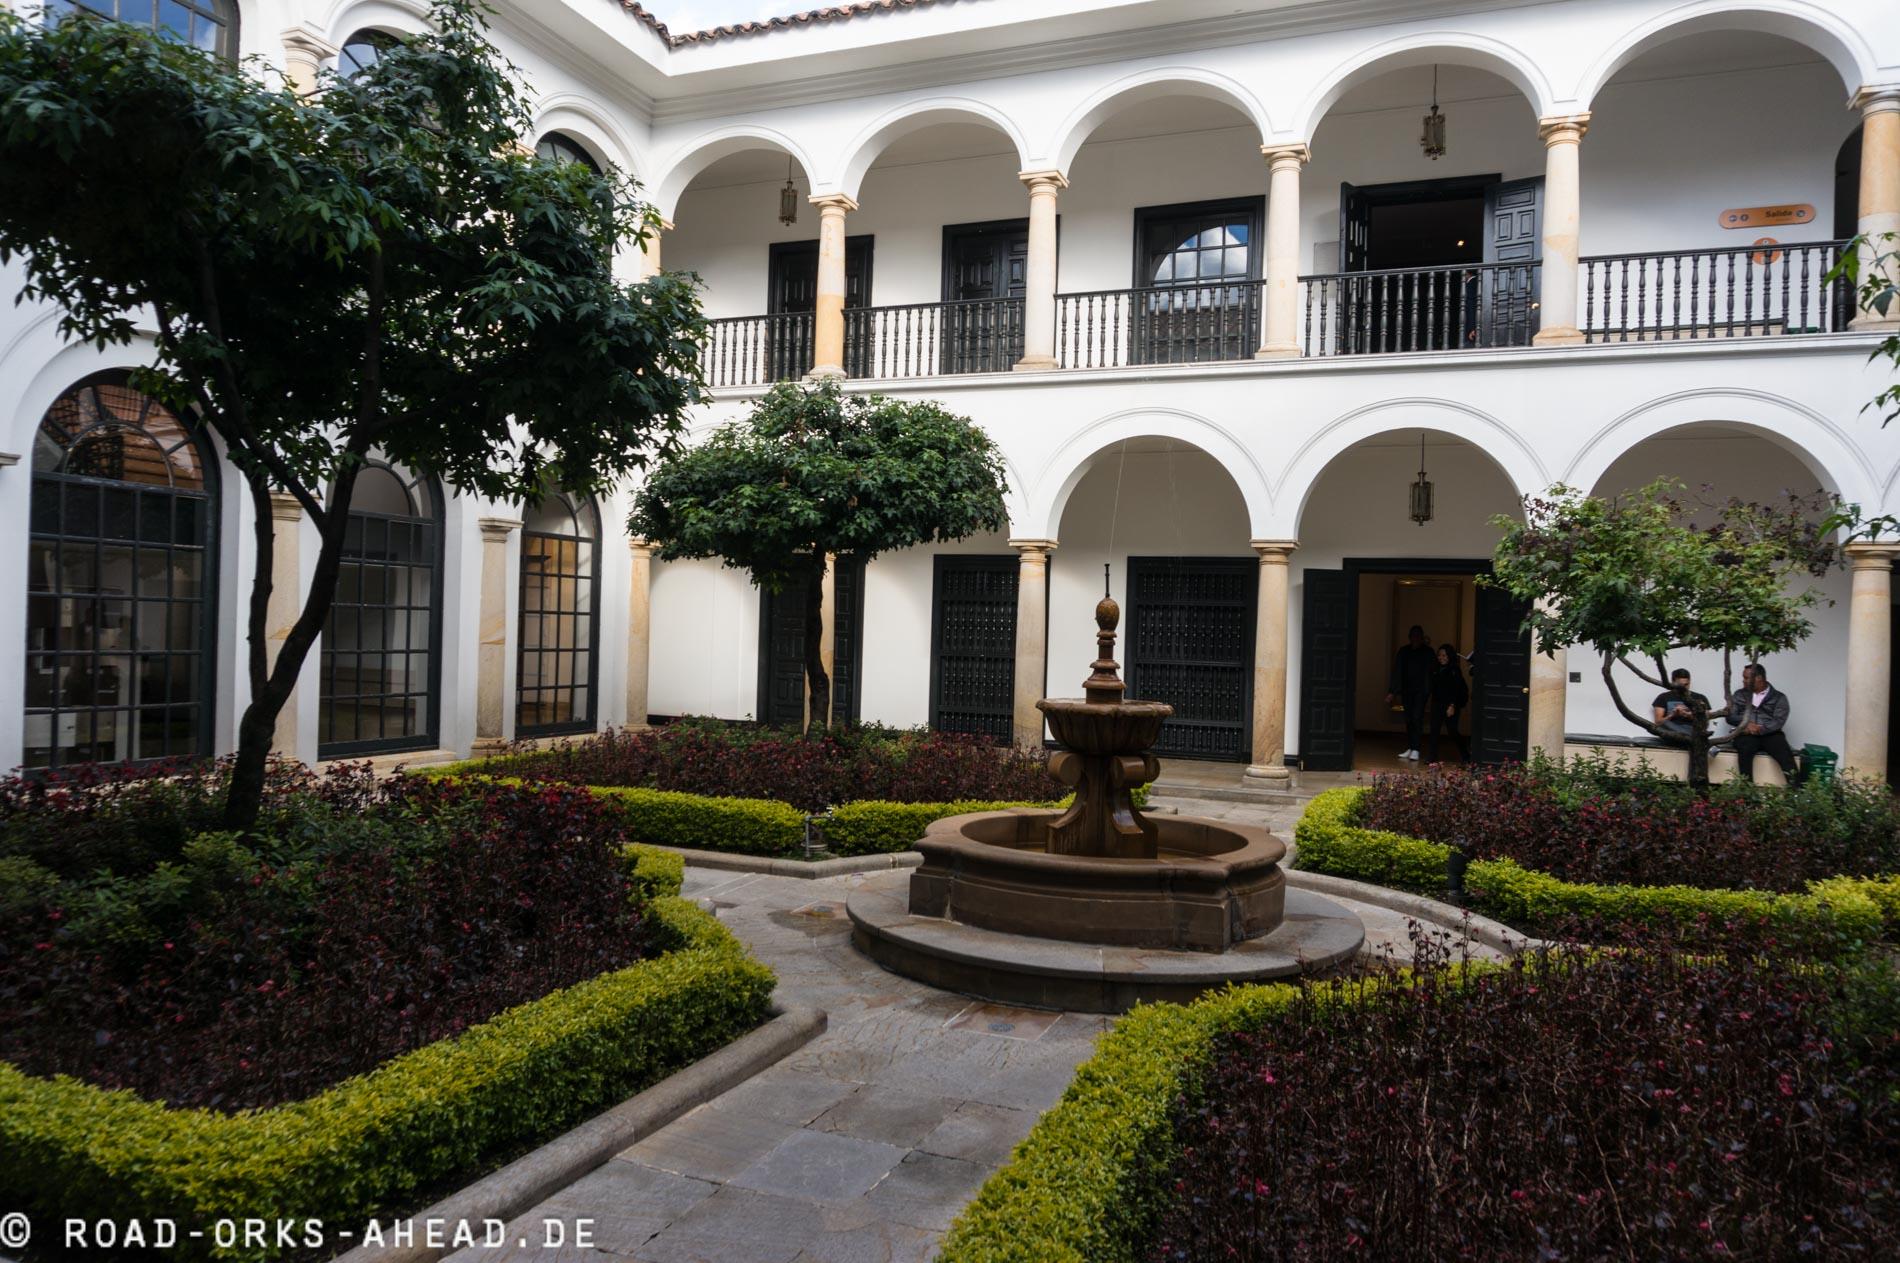 Schicke koloniale Architektur